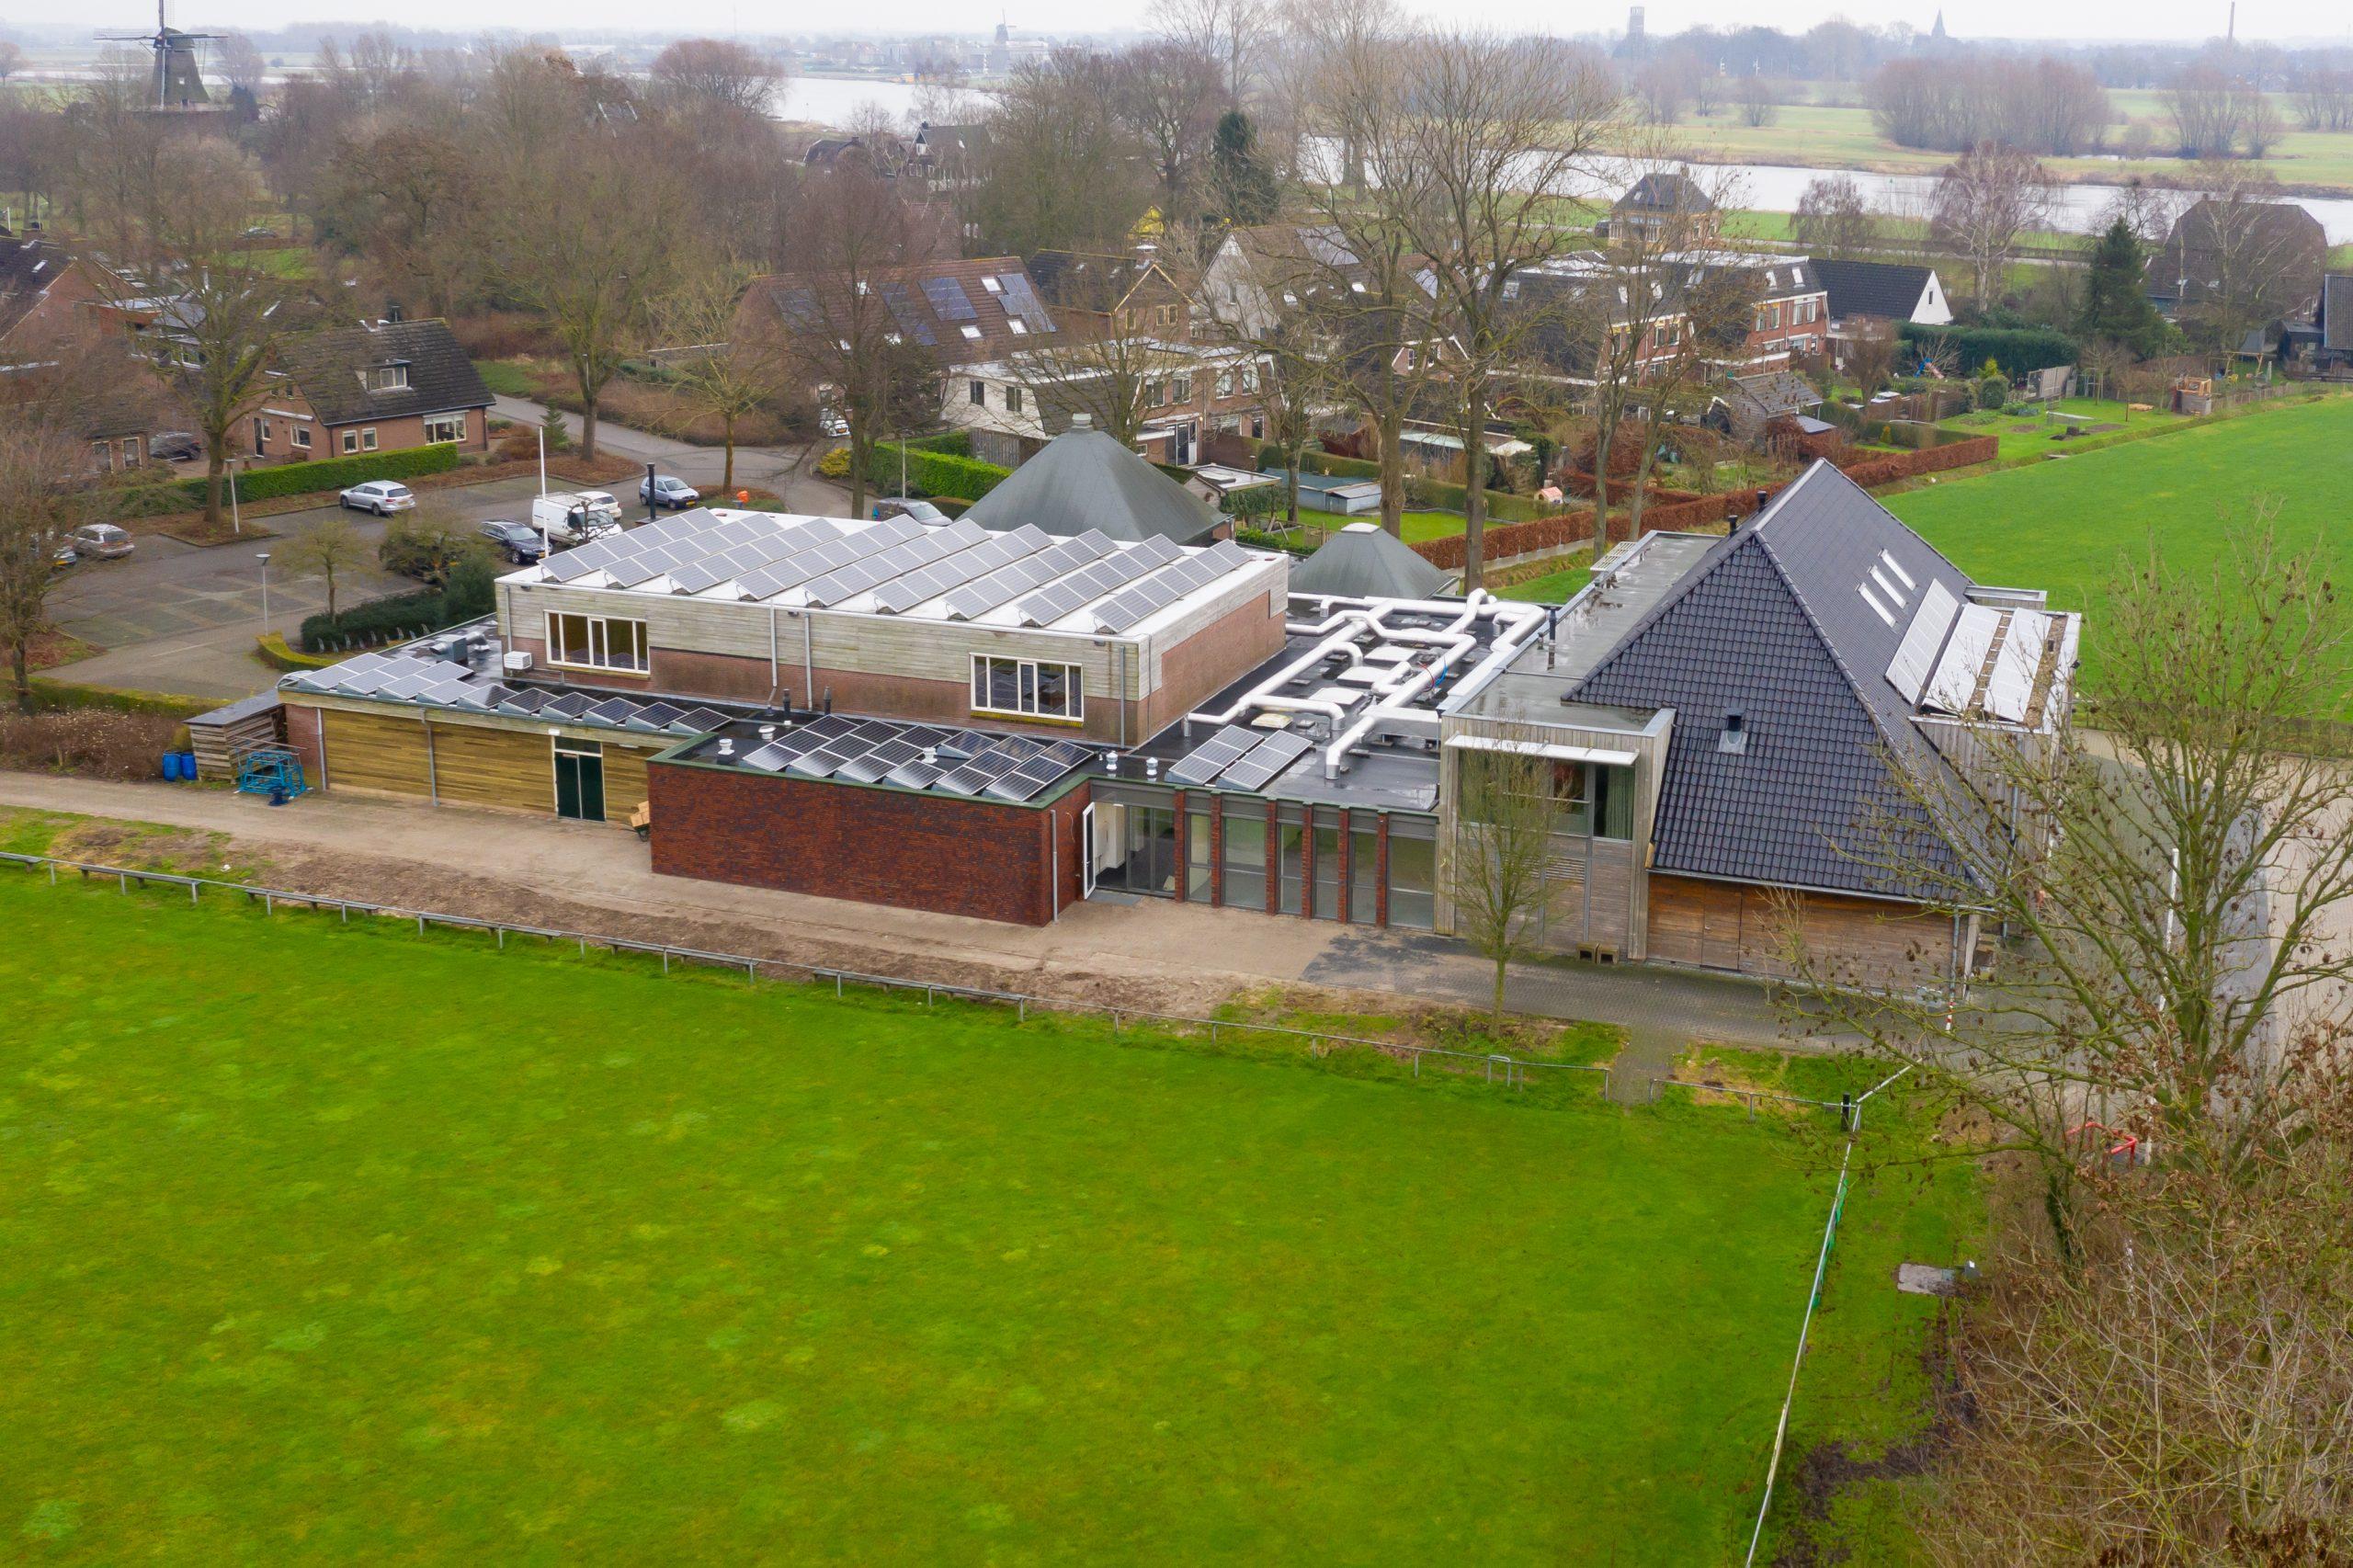 OBS Dijkzicht in Dorpshuis De Bongerd